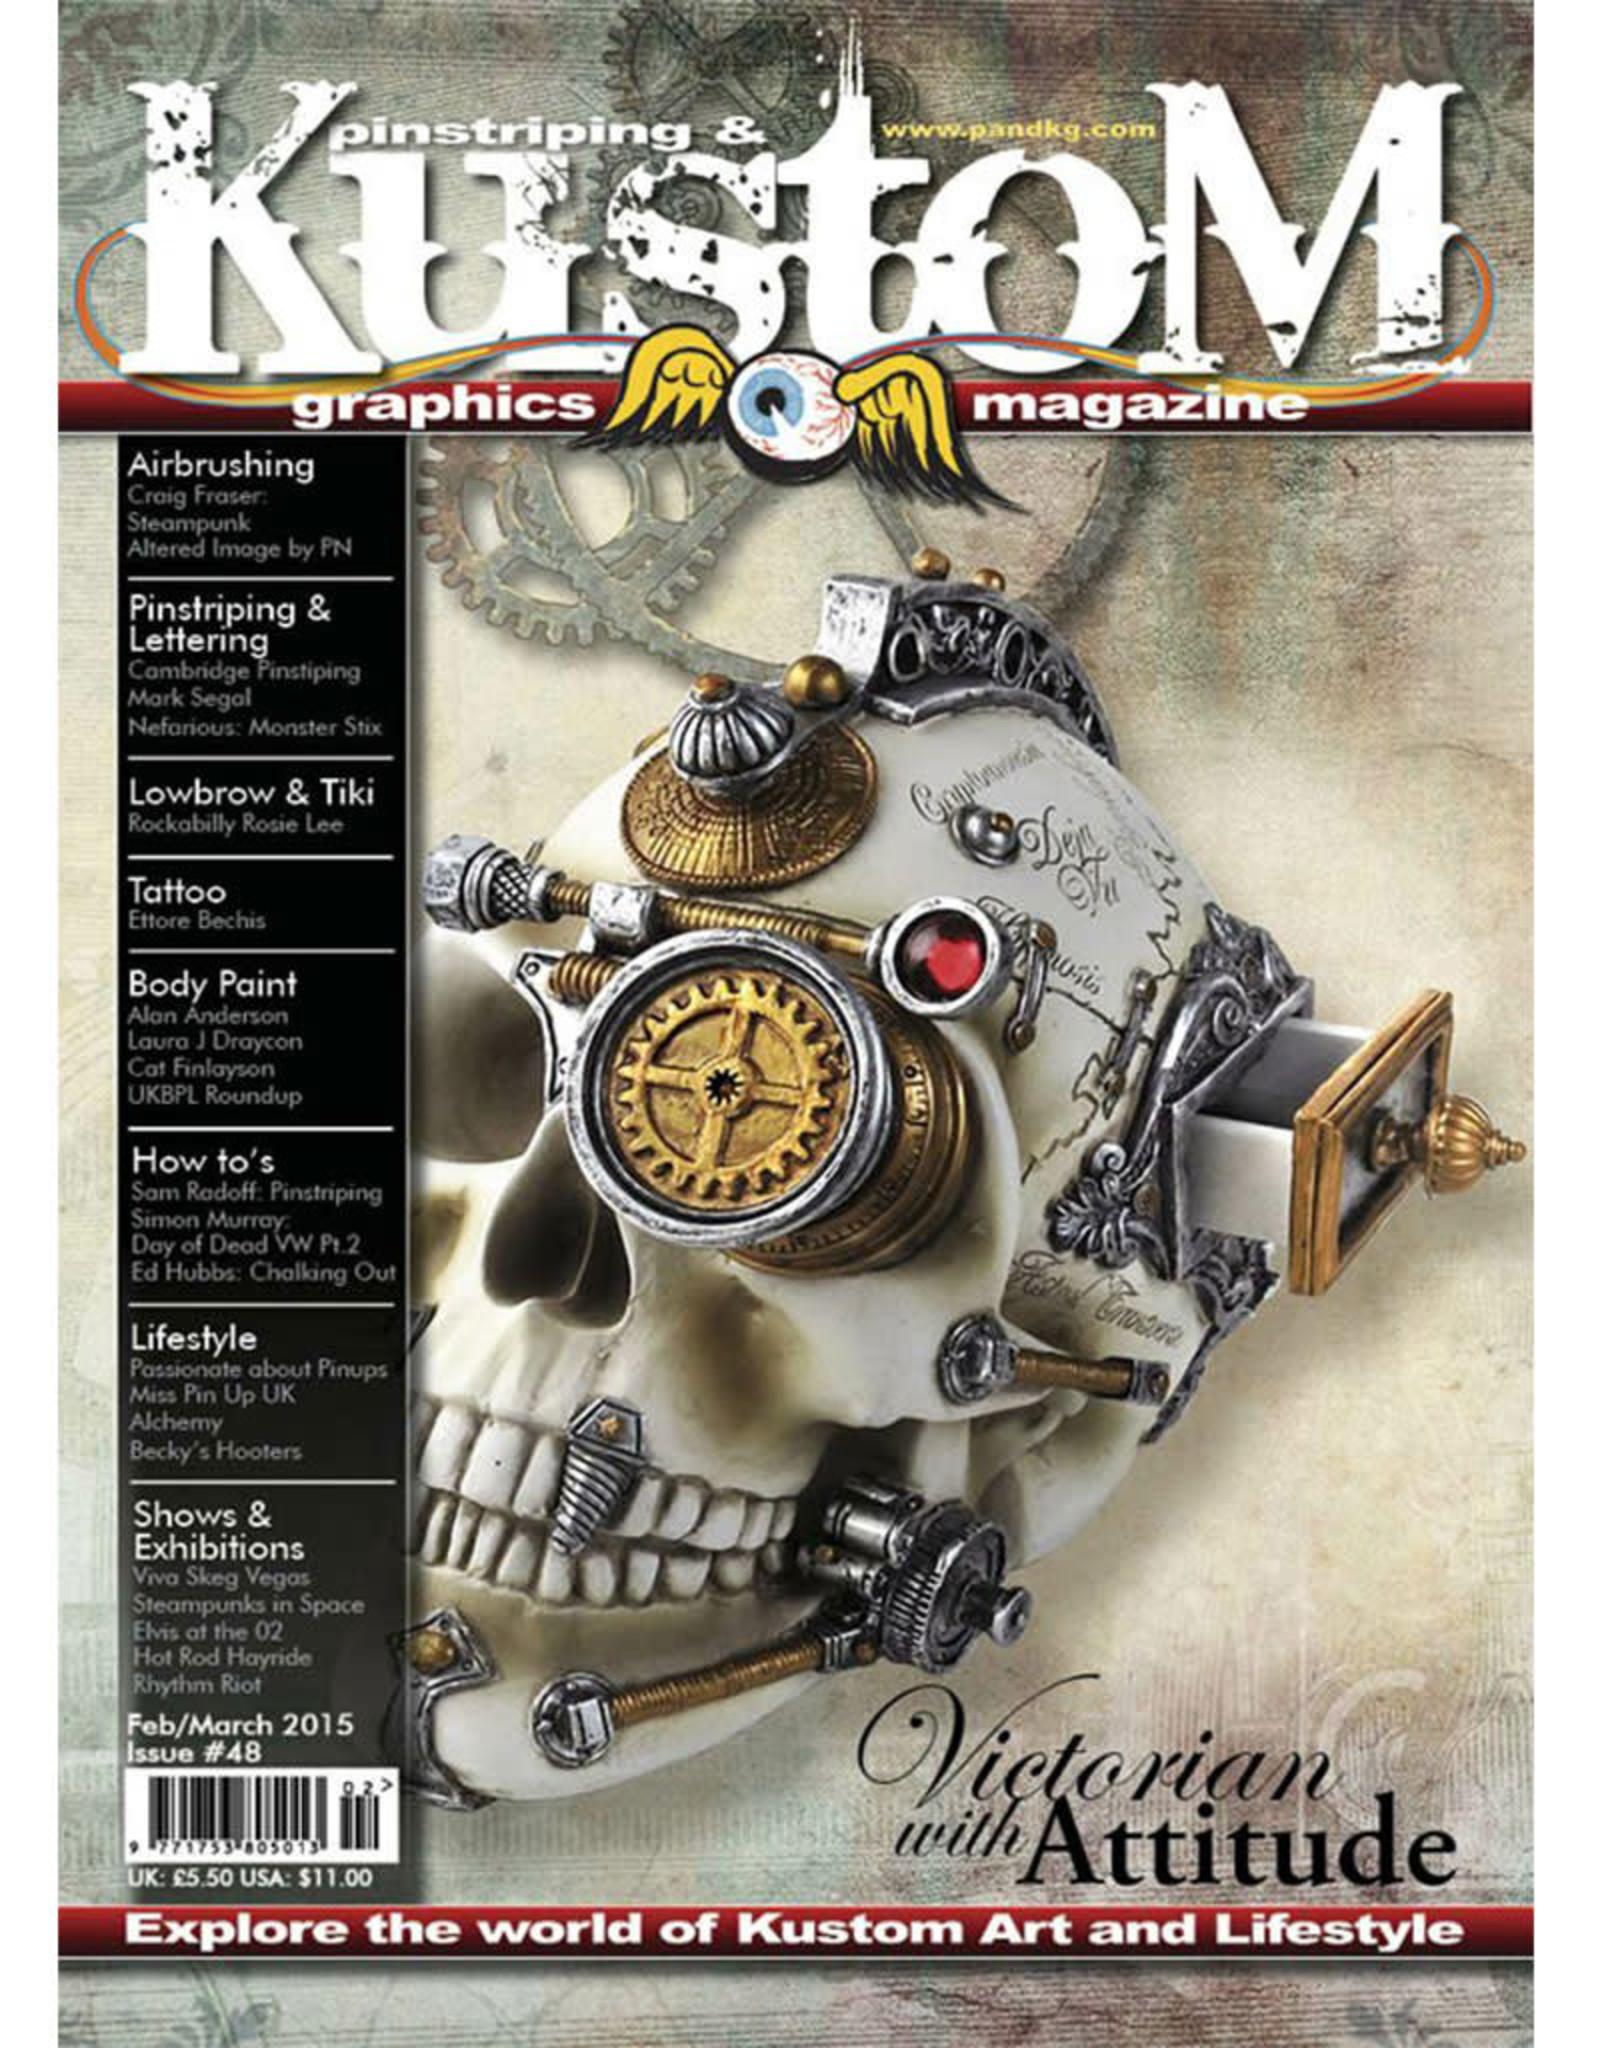 Pinstriping & Kustom Graphics magazine Pinstriping & Kustom graphics magazine #48